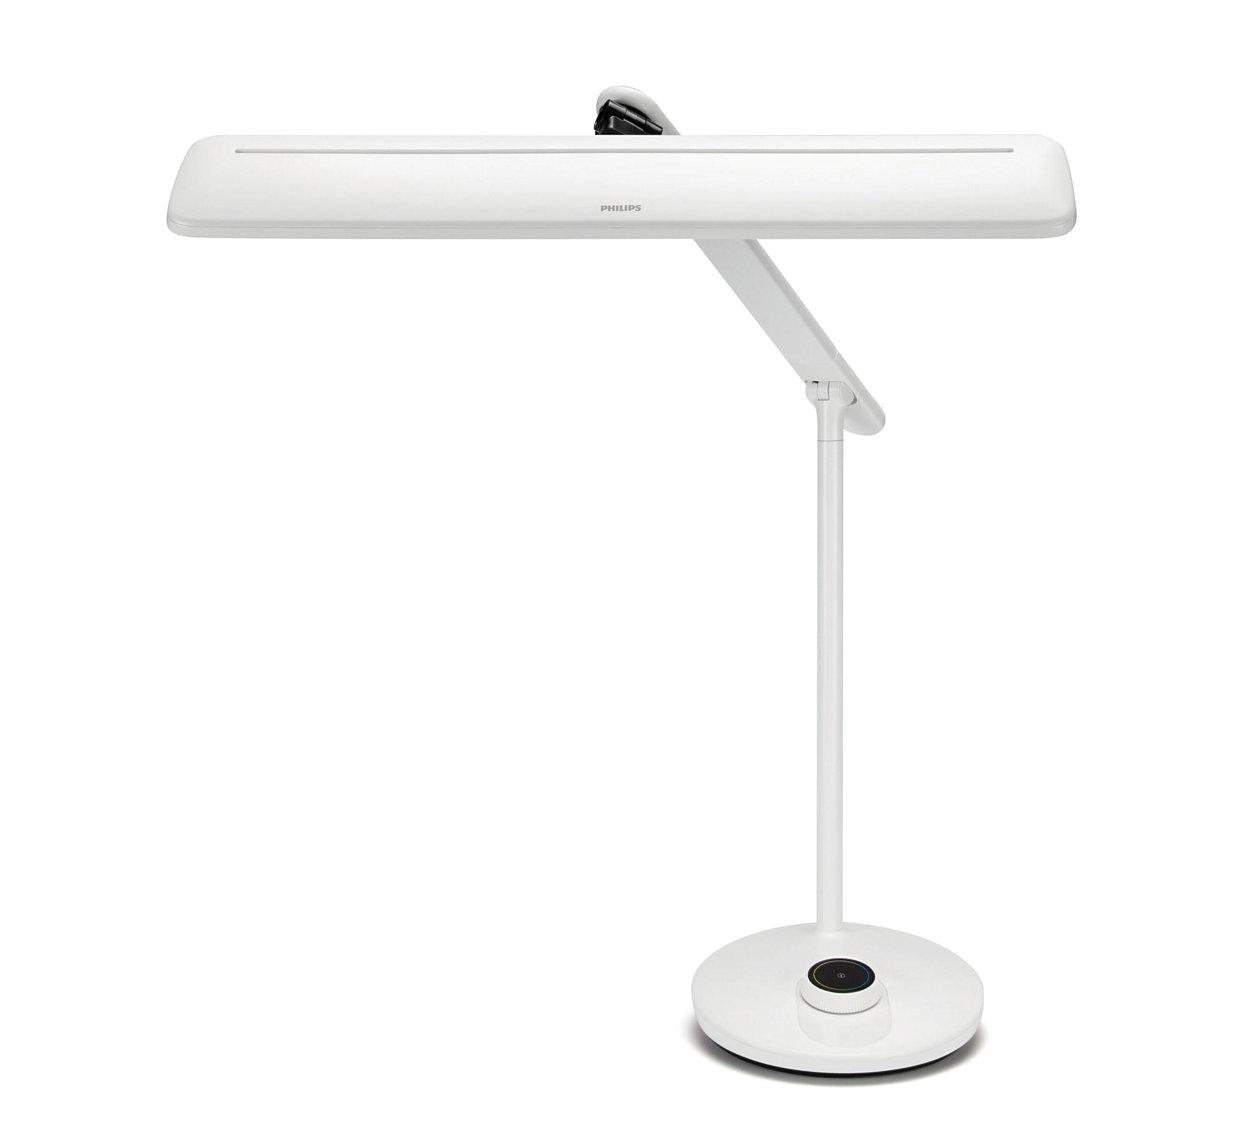 Với công nghệ EyeComfort, đèn mang đến ánh sáng êm dịu cho mắt